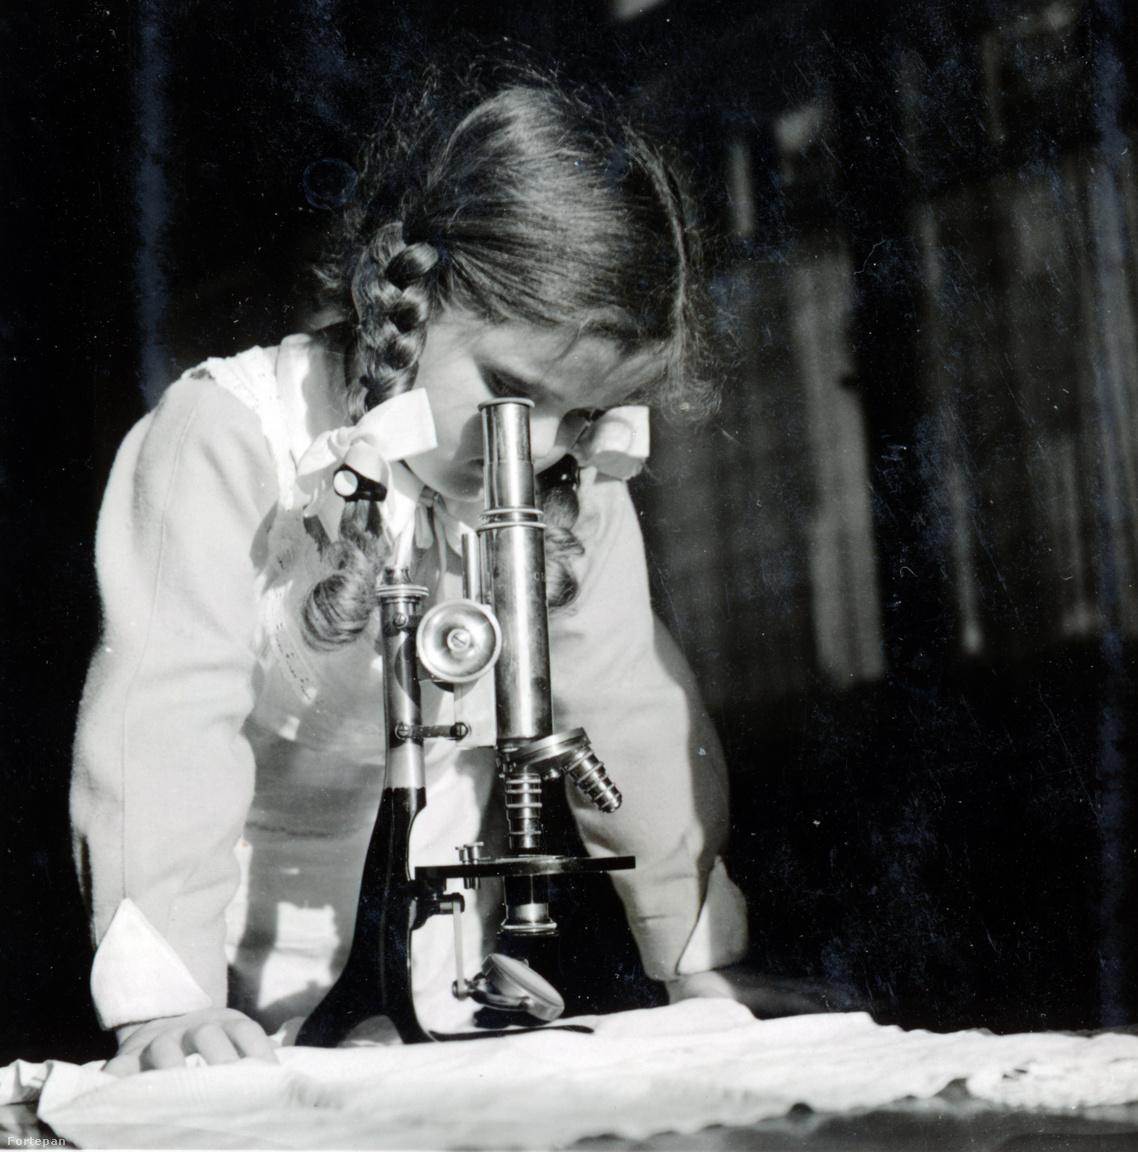 """Kinszki Judit a harmincas években.Kinszki Imre a természettudós Herman Ottóval barátságban lévő Schiller nagypapától kapta az első mikroszkópját, Judit az apjától. Az 1934-ben született Judit öt-hat évesen Kinszki társa volt a természetjárásban. Rengeteget kirándultak az akkor még kültelki Rákos patakhoz, tarajos gőték, madarak közé. """"Mesélt a madarakról, bogarakról, növényekről, csillagokról, mindenről, imádtam. Sétáltam vele, fogta a kezemet, növényeket gyűjtöttünk. Mai napig is mindennek tudom a nevét""""– idézte fel Judit."""